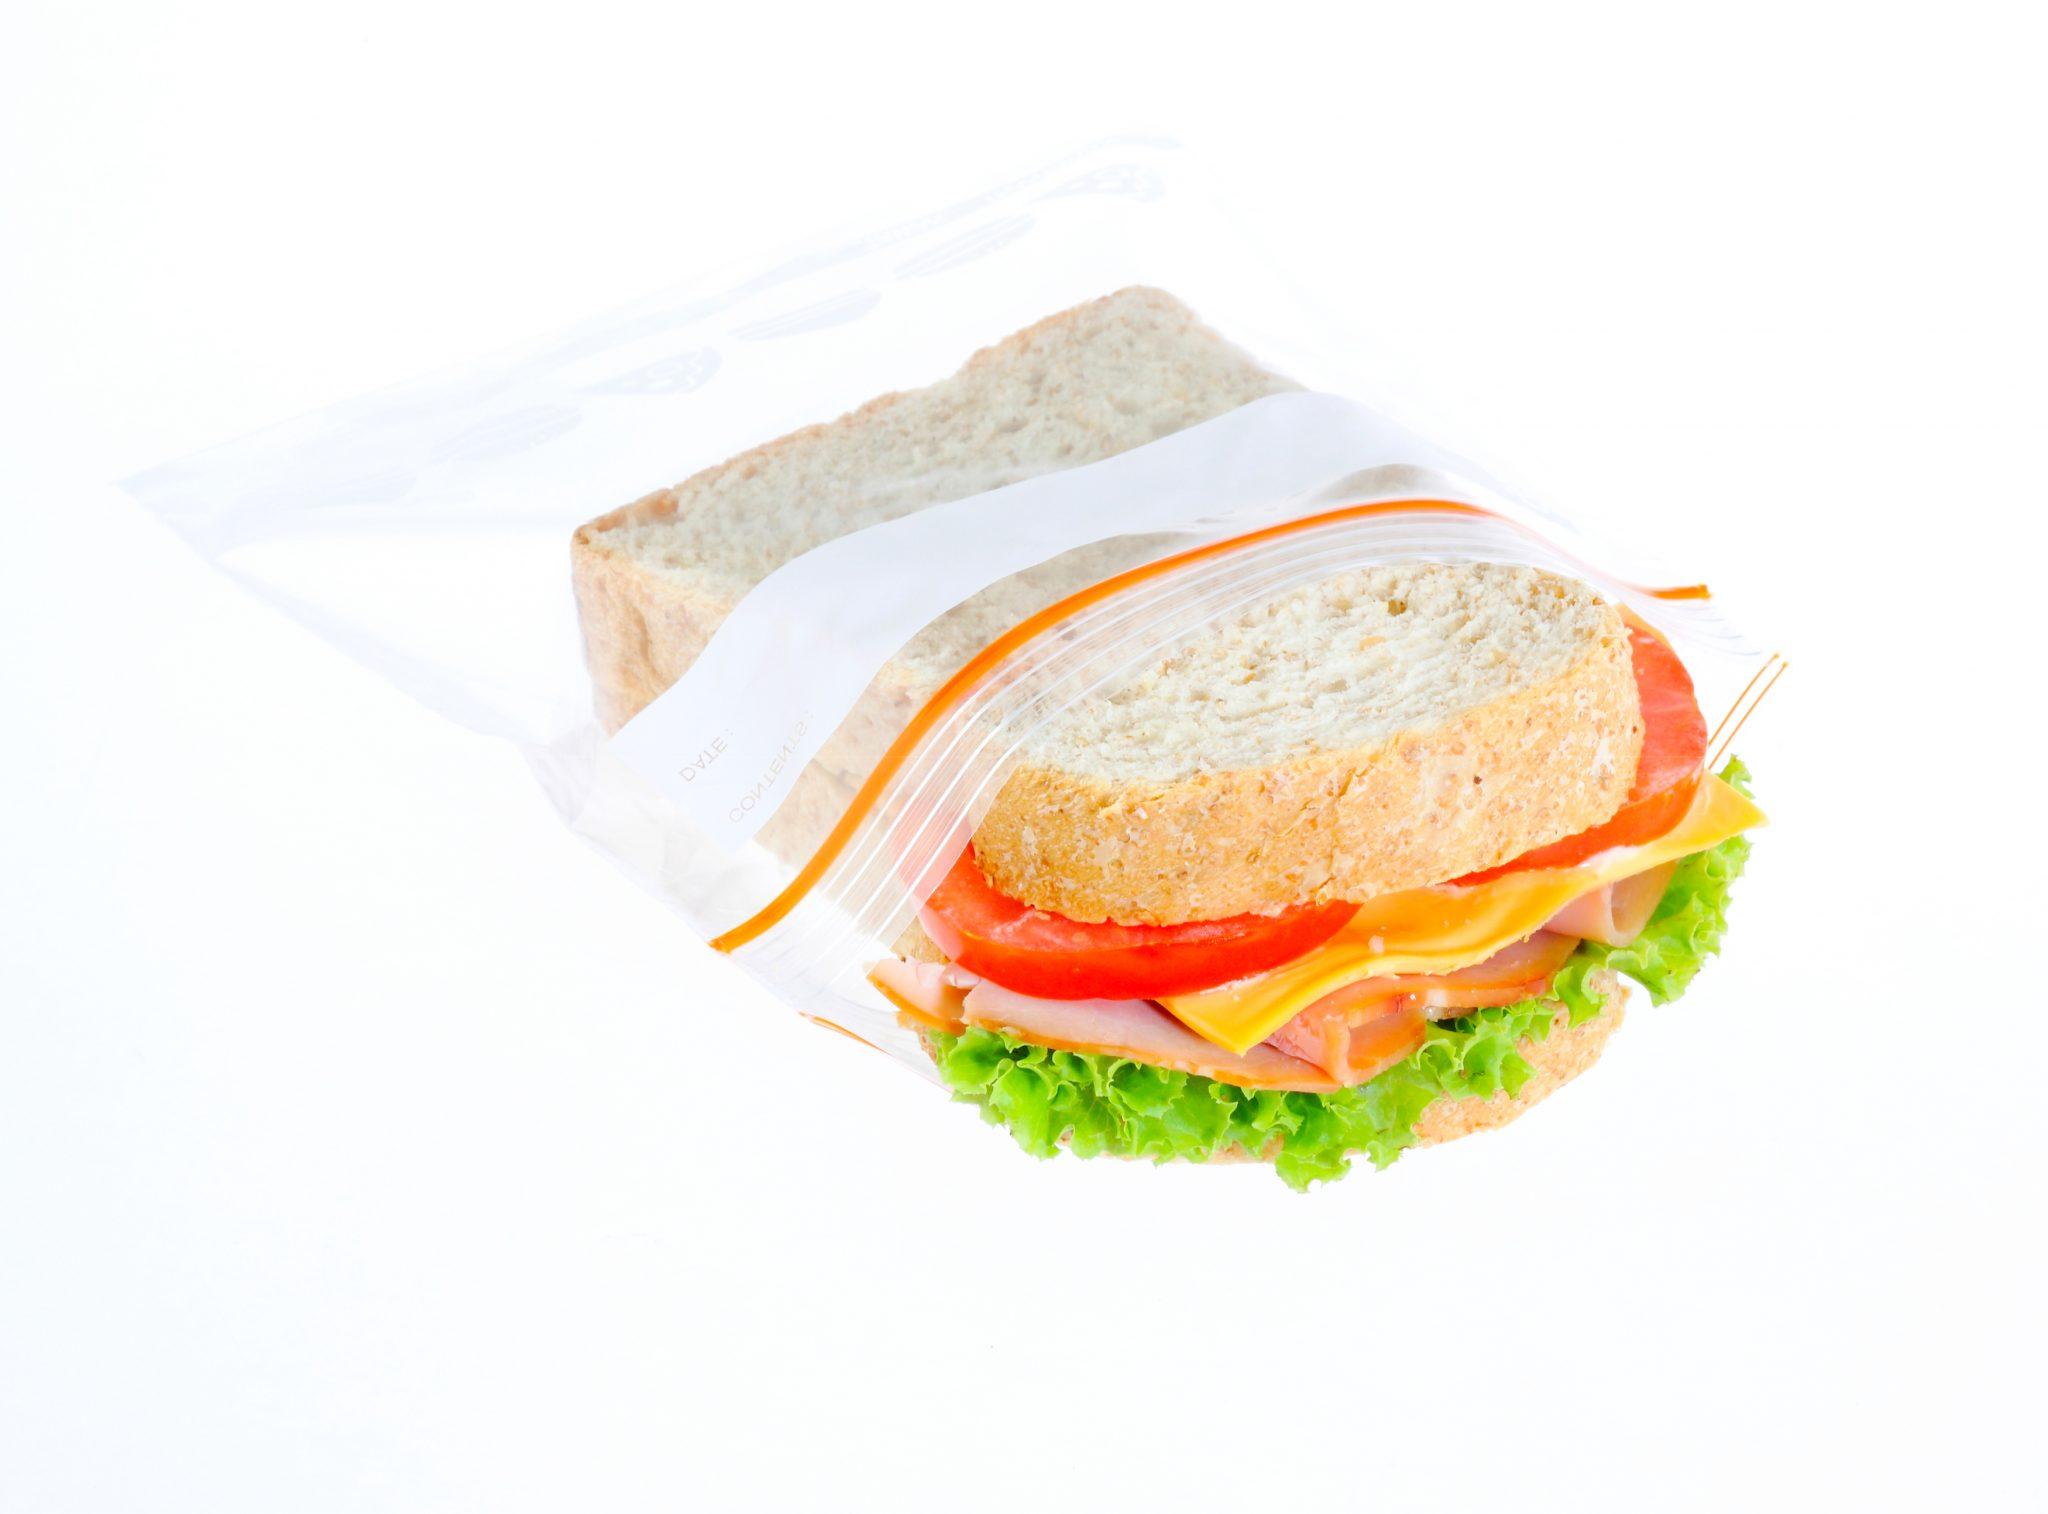 チャック付きのパックに入っているサンドイッチ